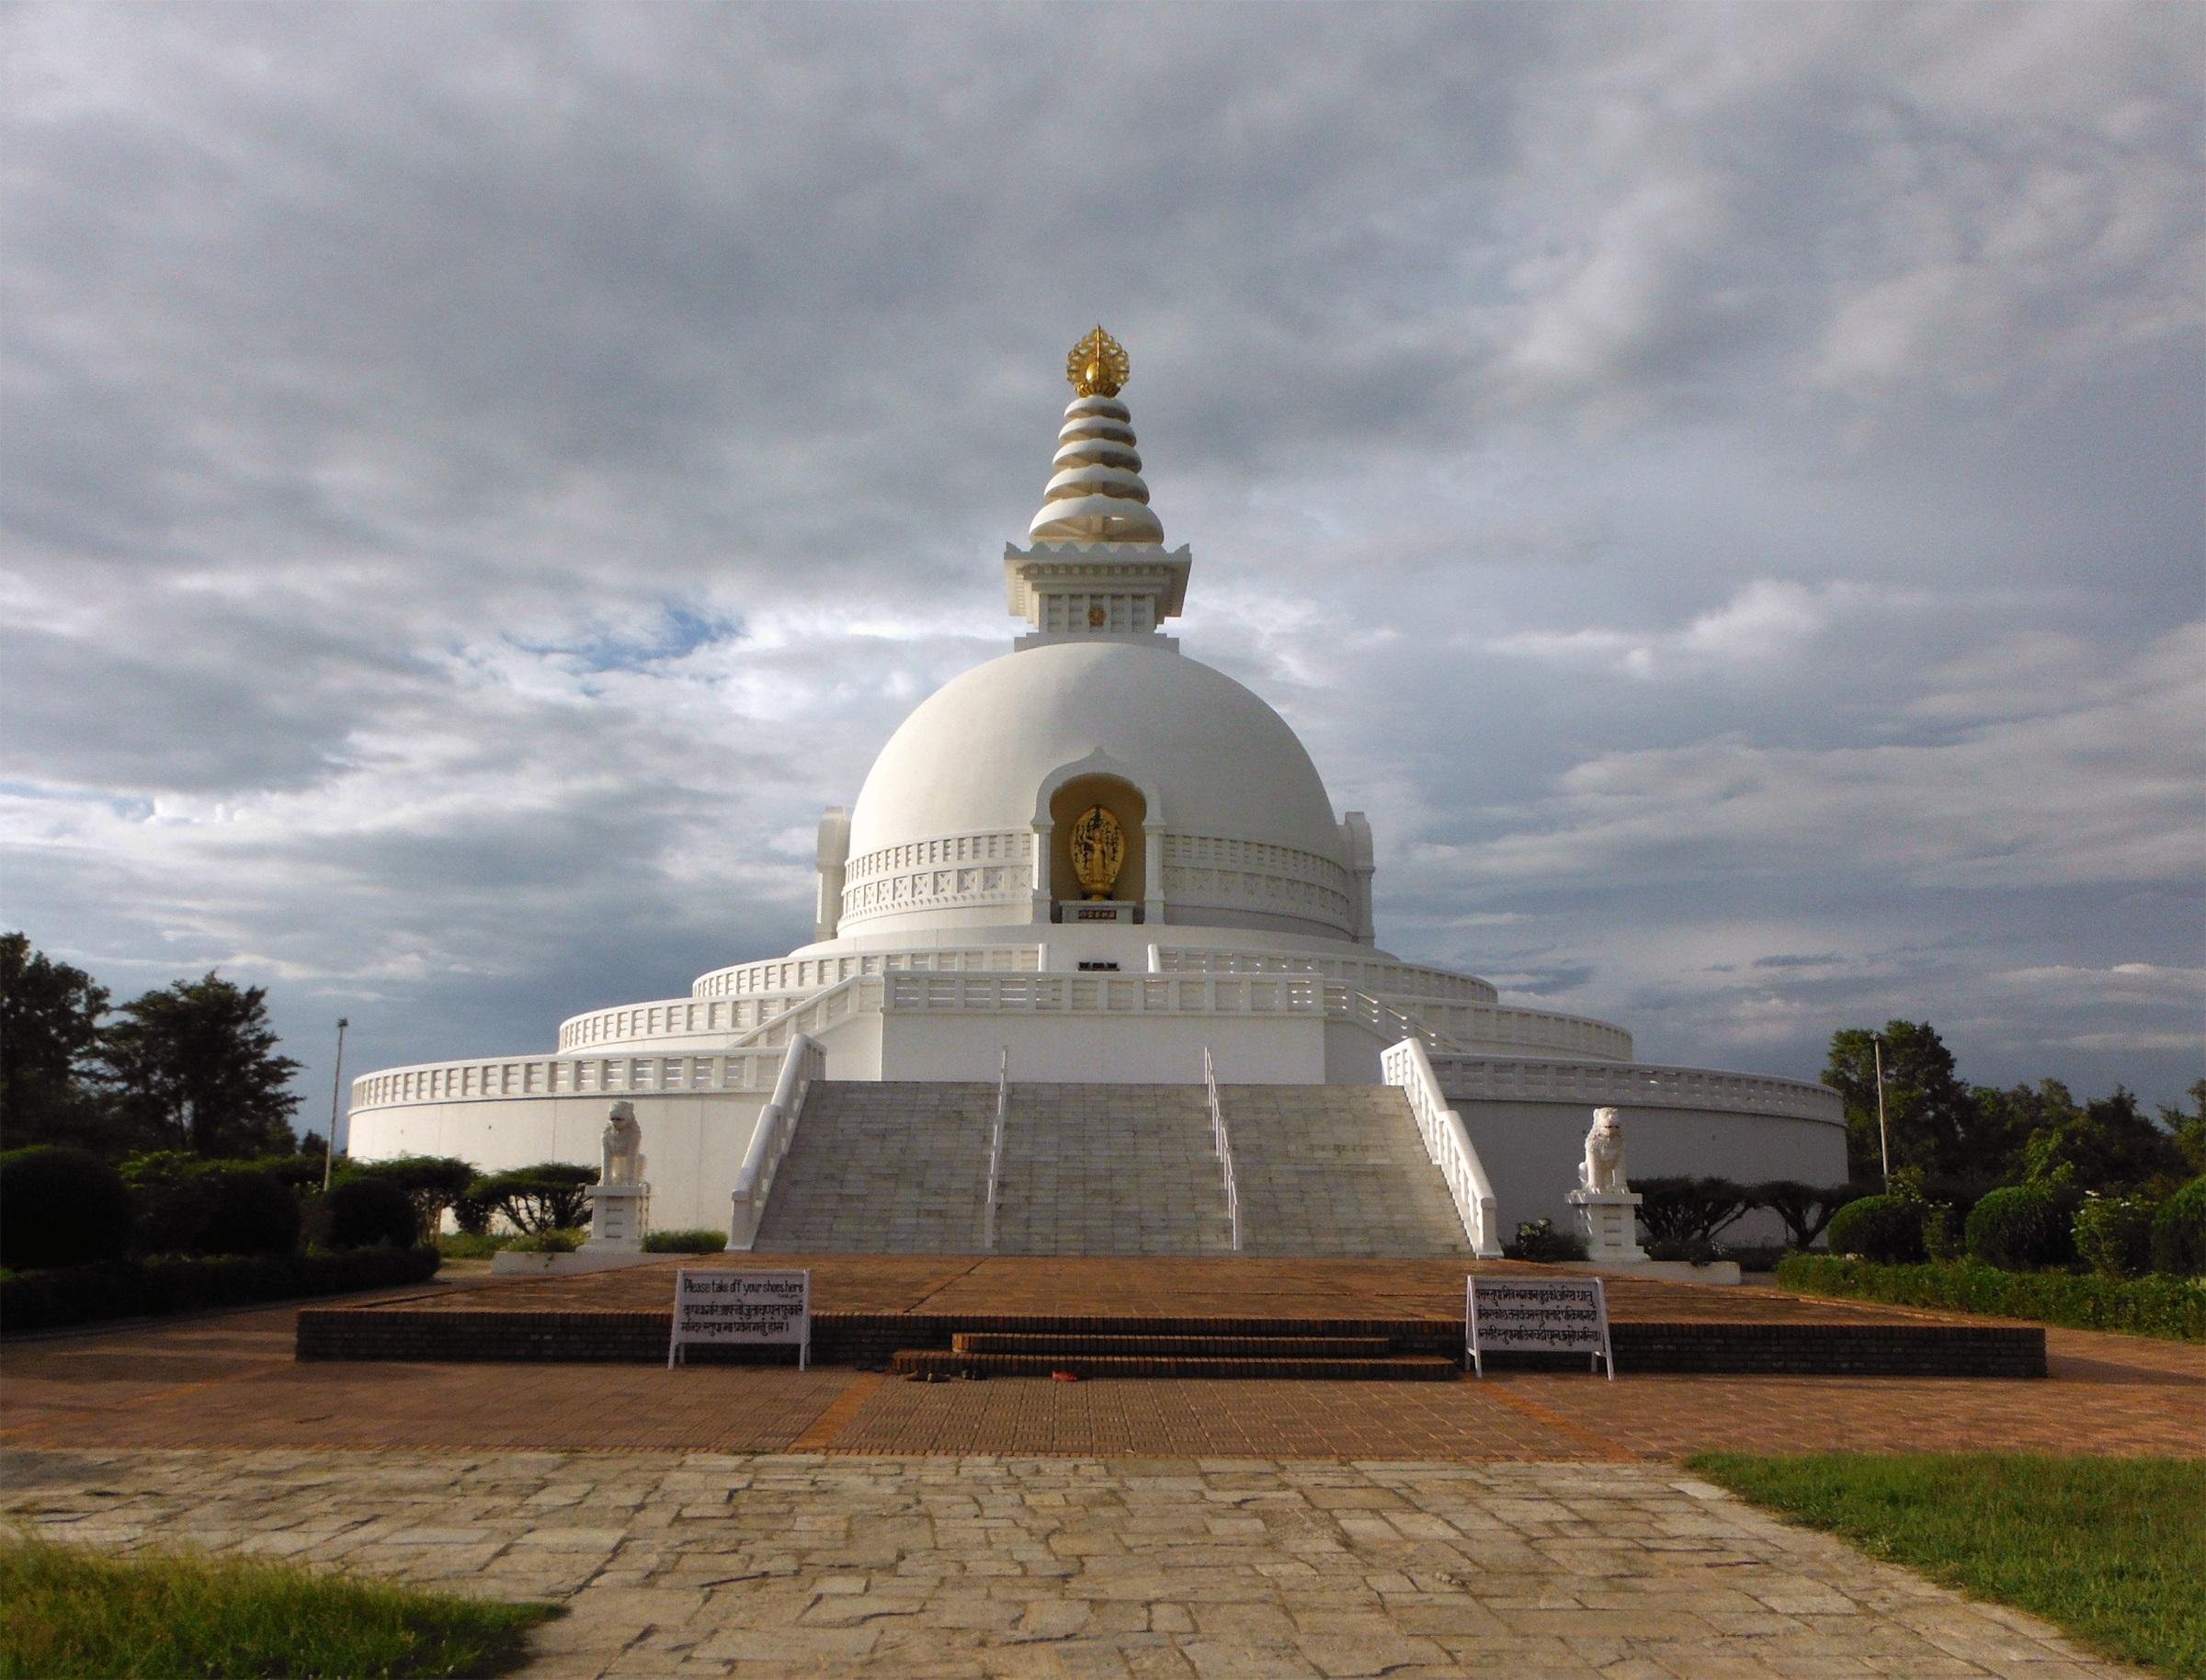 Лумбини, Непал<br /> <br /> В продължение на десетилетия Лумбини е бил просто място по пътя на пътешествениците от Индия към Непал, като често те не осъзнавали, че са минали на метри от рожденото място на Буда. Днес, благодарение на усилията на международната будистка общност, Лумбини е във възход, но въпреки наследството си, този свещен обект остава сънливо отклонение от пътя на туристите.